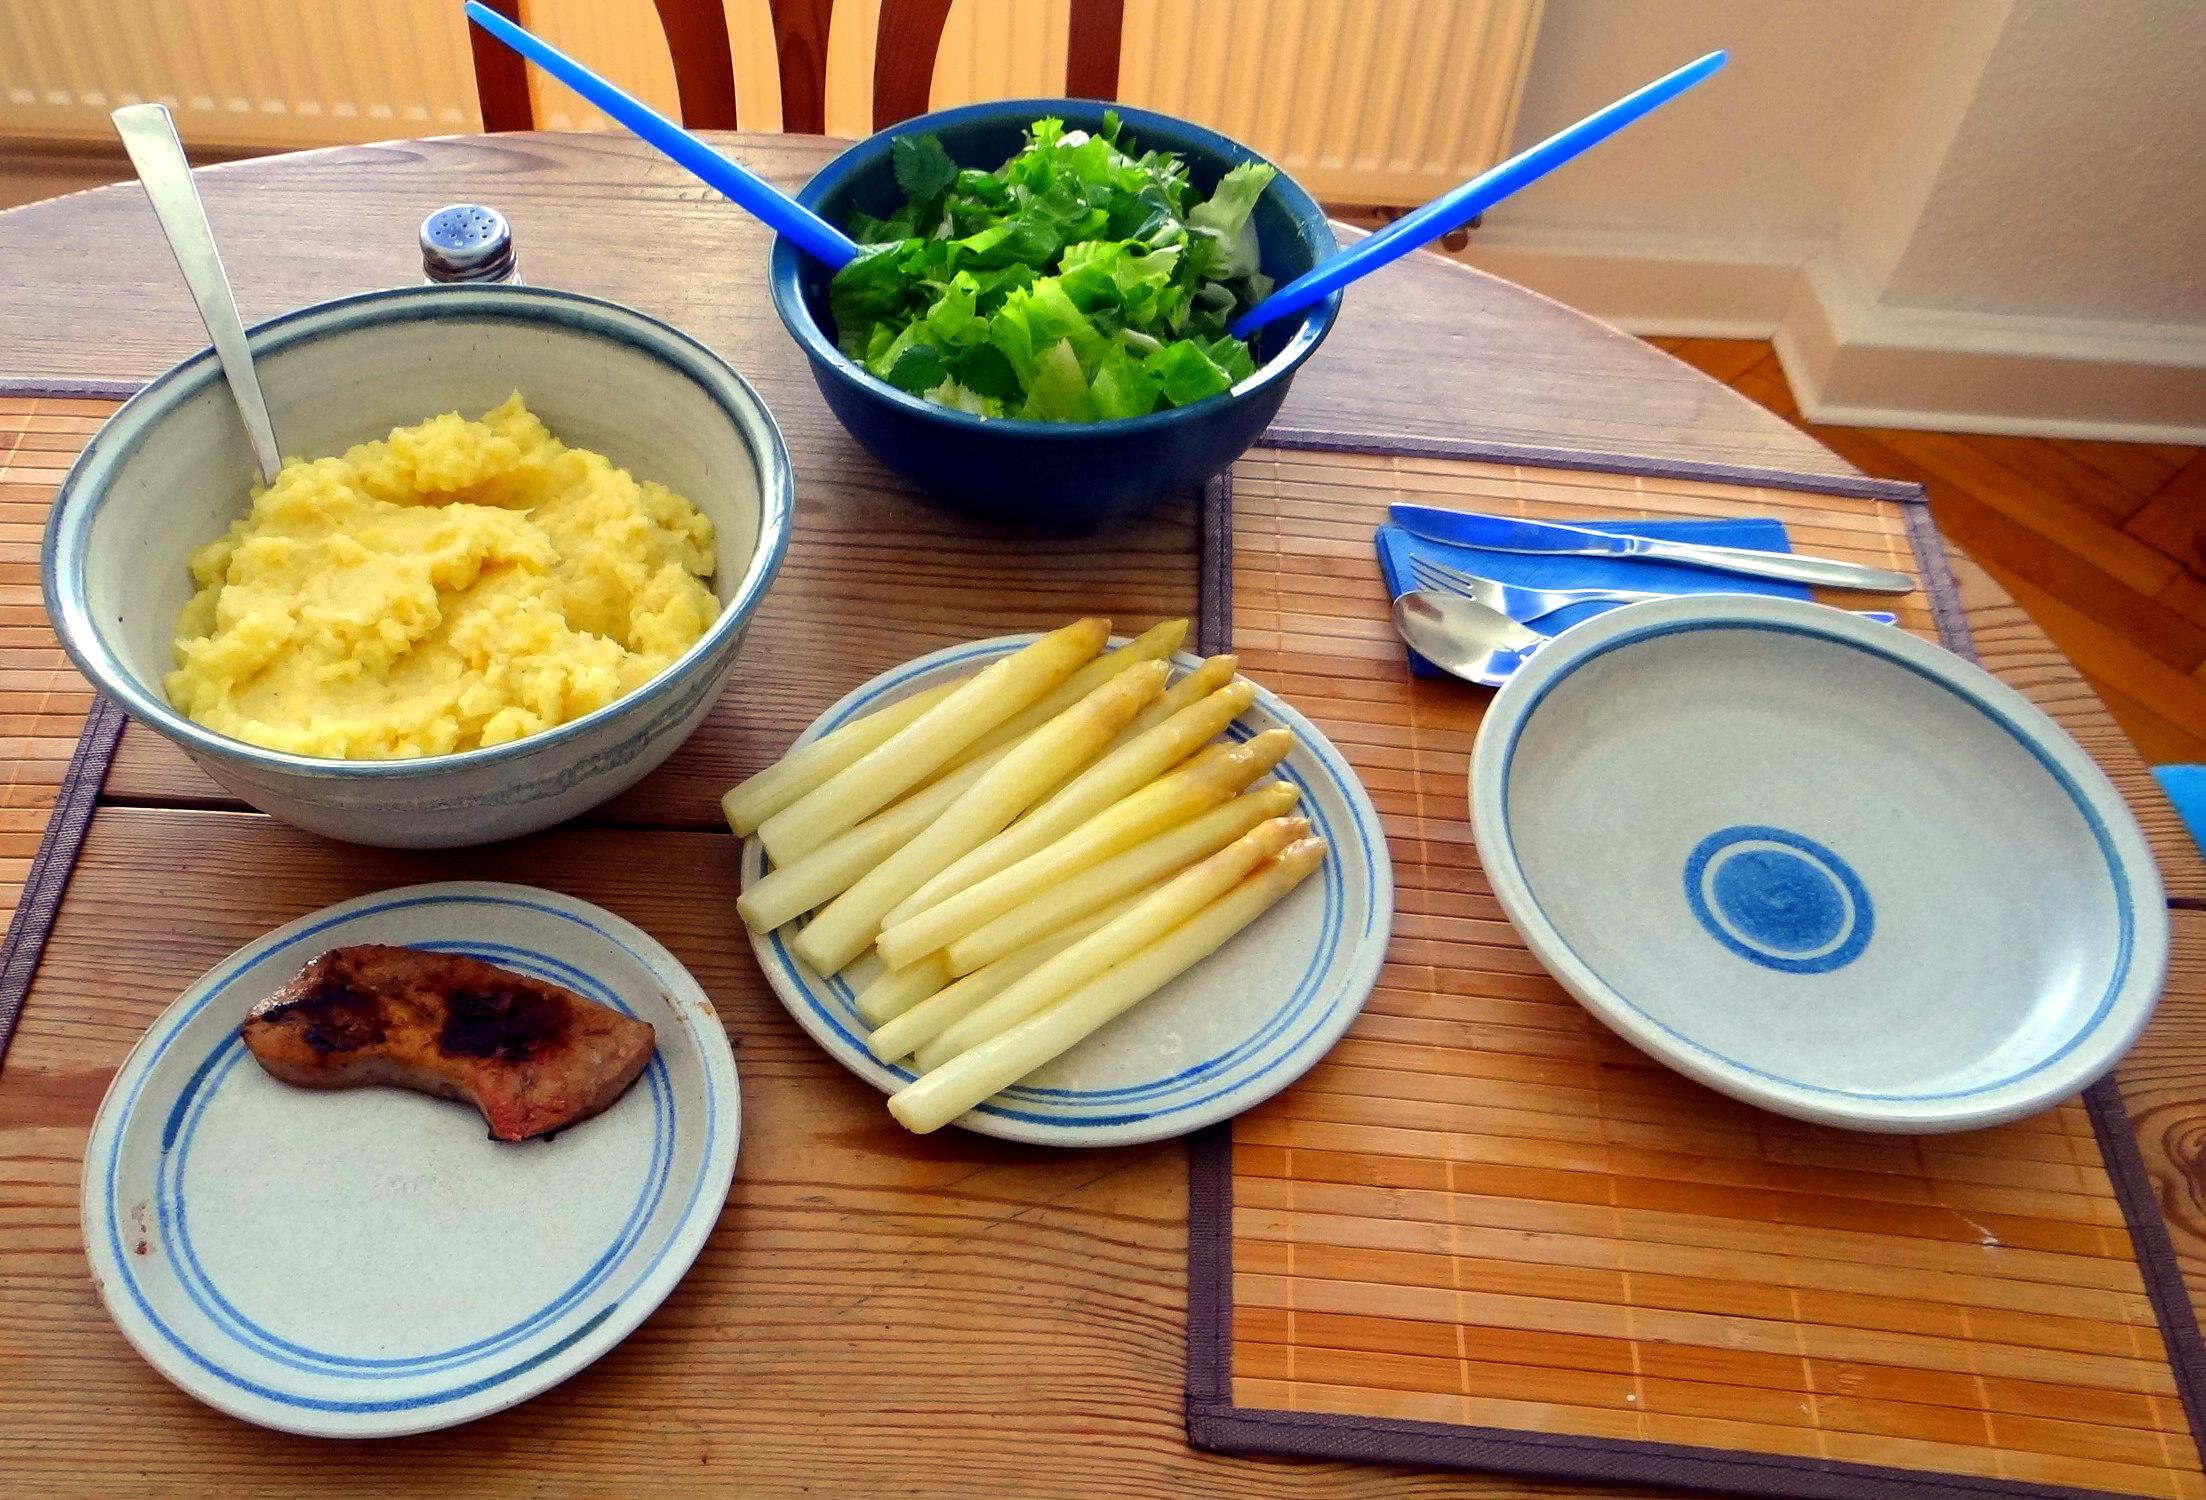 Kartoffel-Pastinaken Stampf,Kalbsleber,Spargel,pochiertes Ei,Endivien Salat (3)